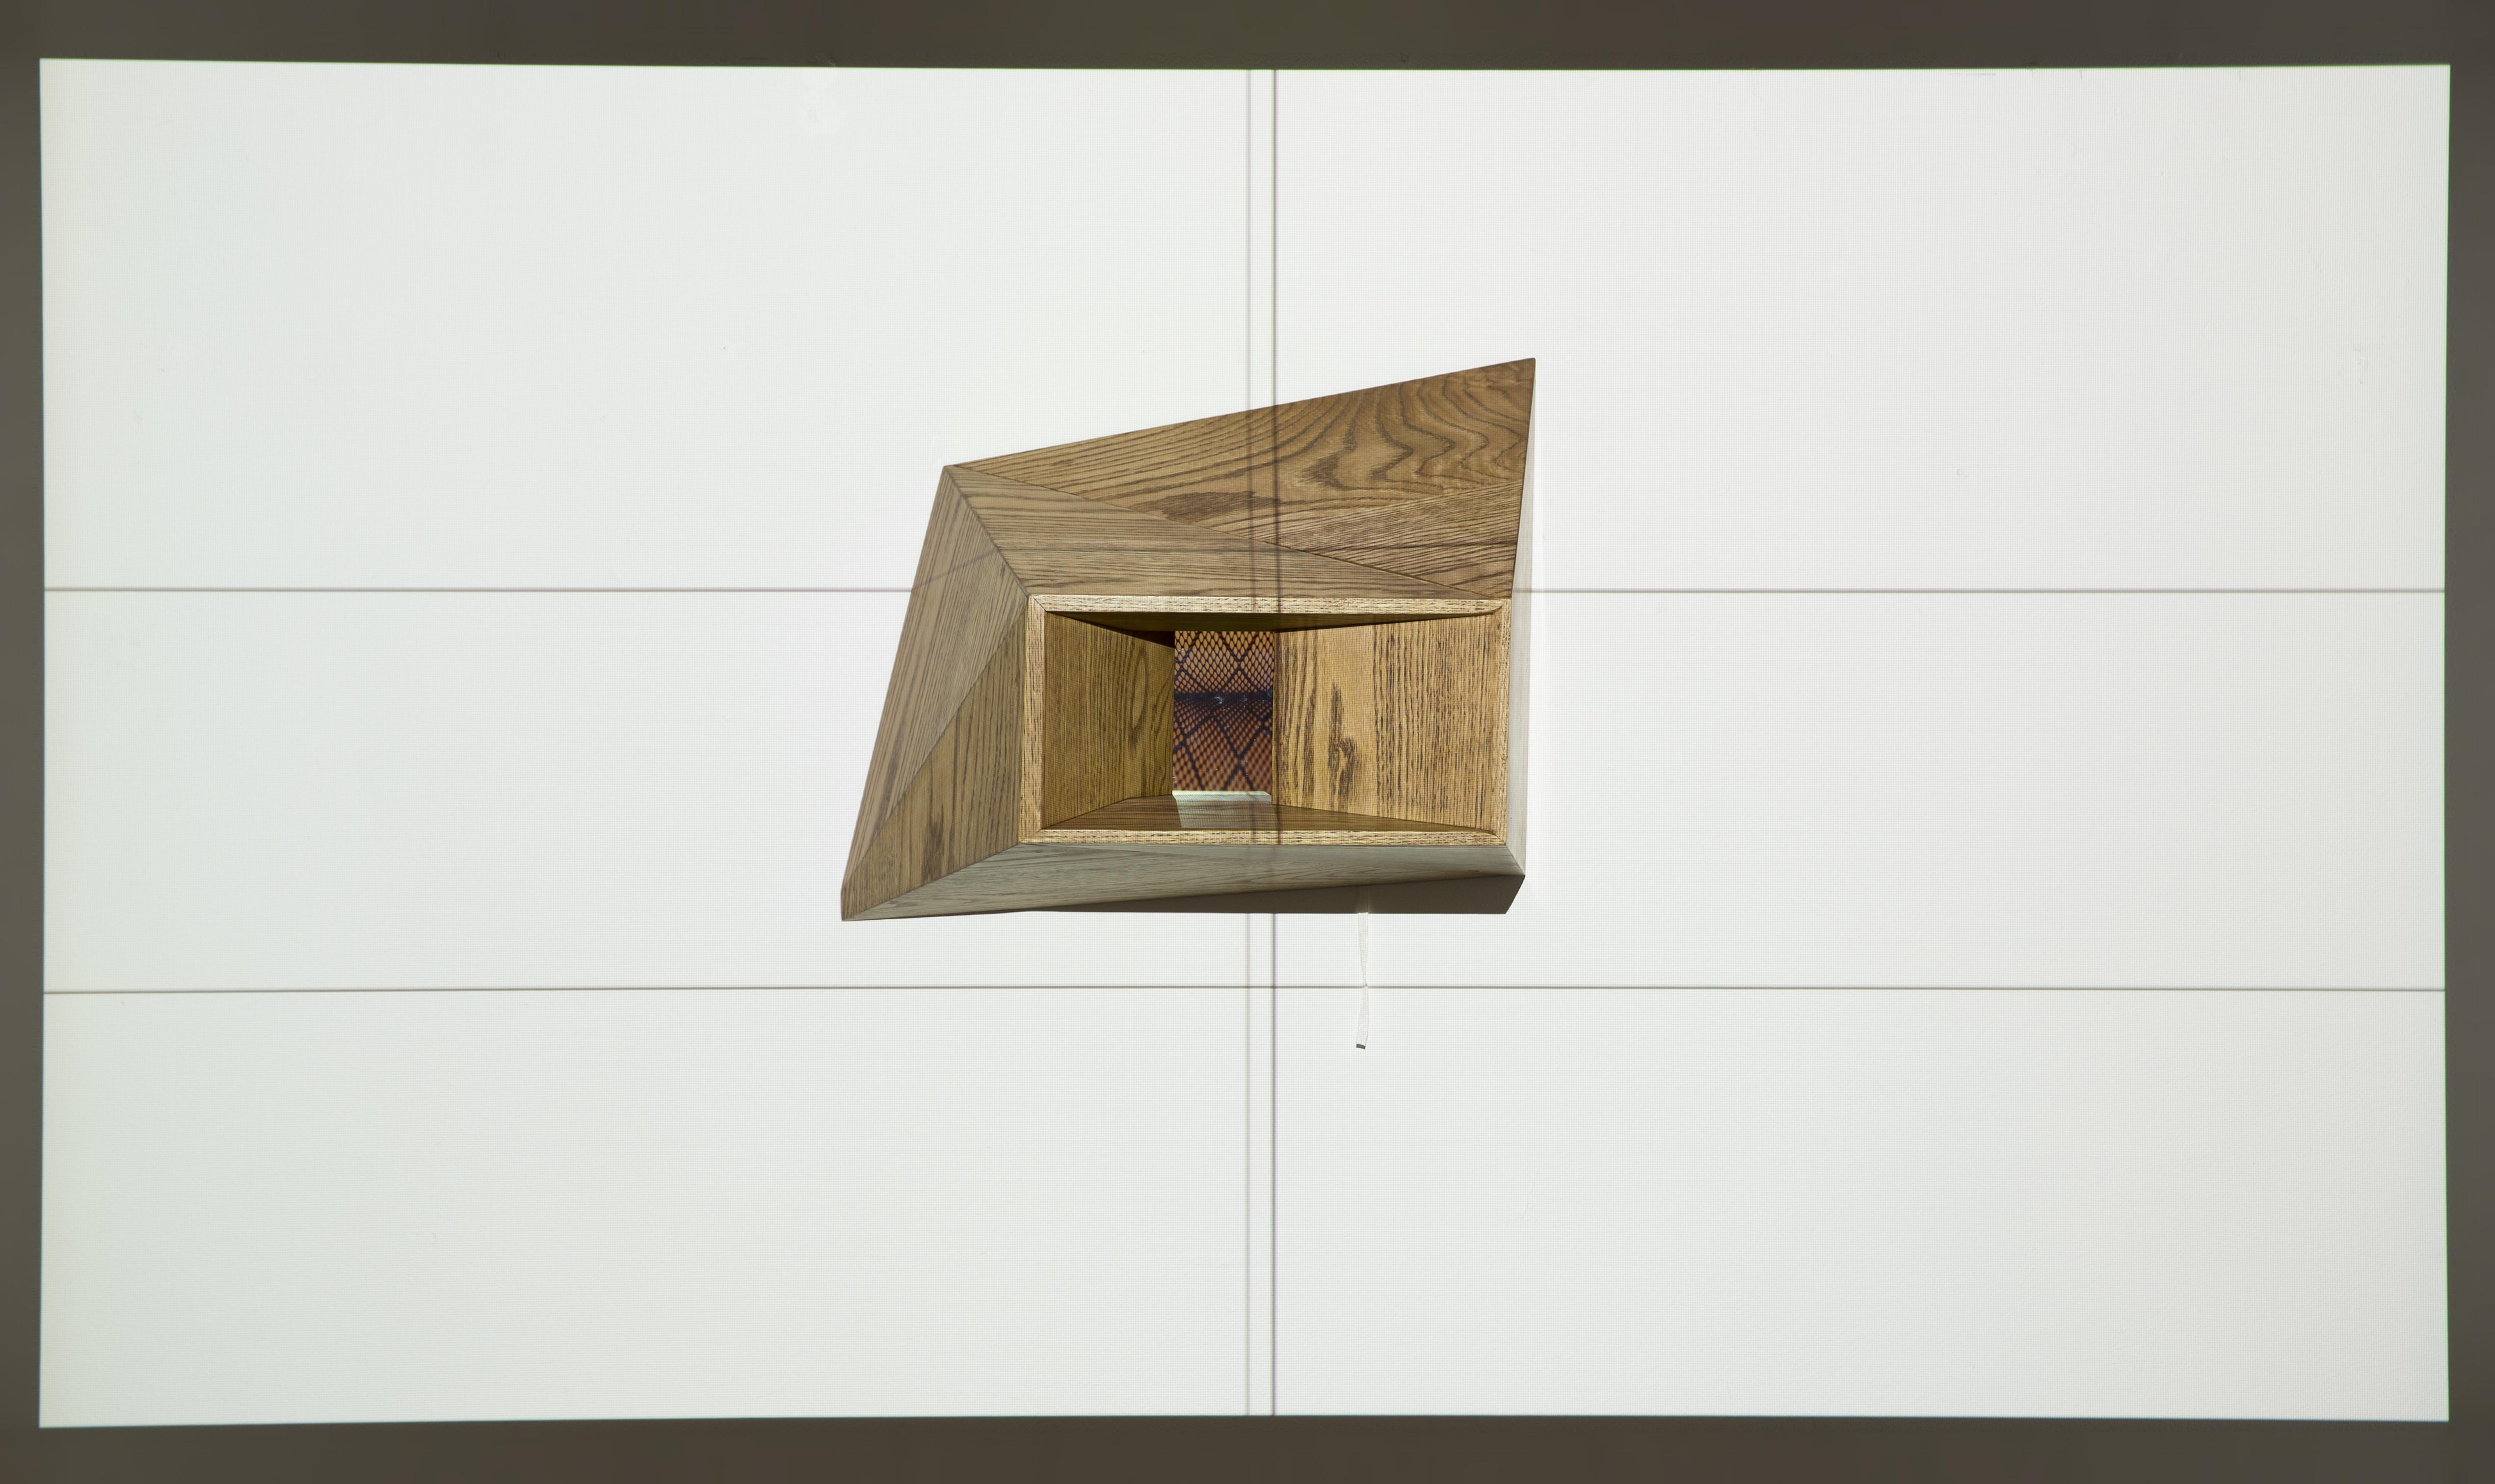 [네모난틀을 벗어난다고][Is Breaking out really breaking out] 90x160x22Cm 적참나무, 아이패드, 영상프로젝션.2015